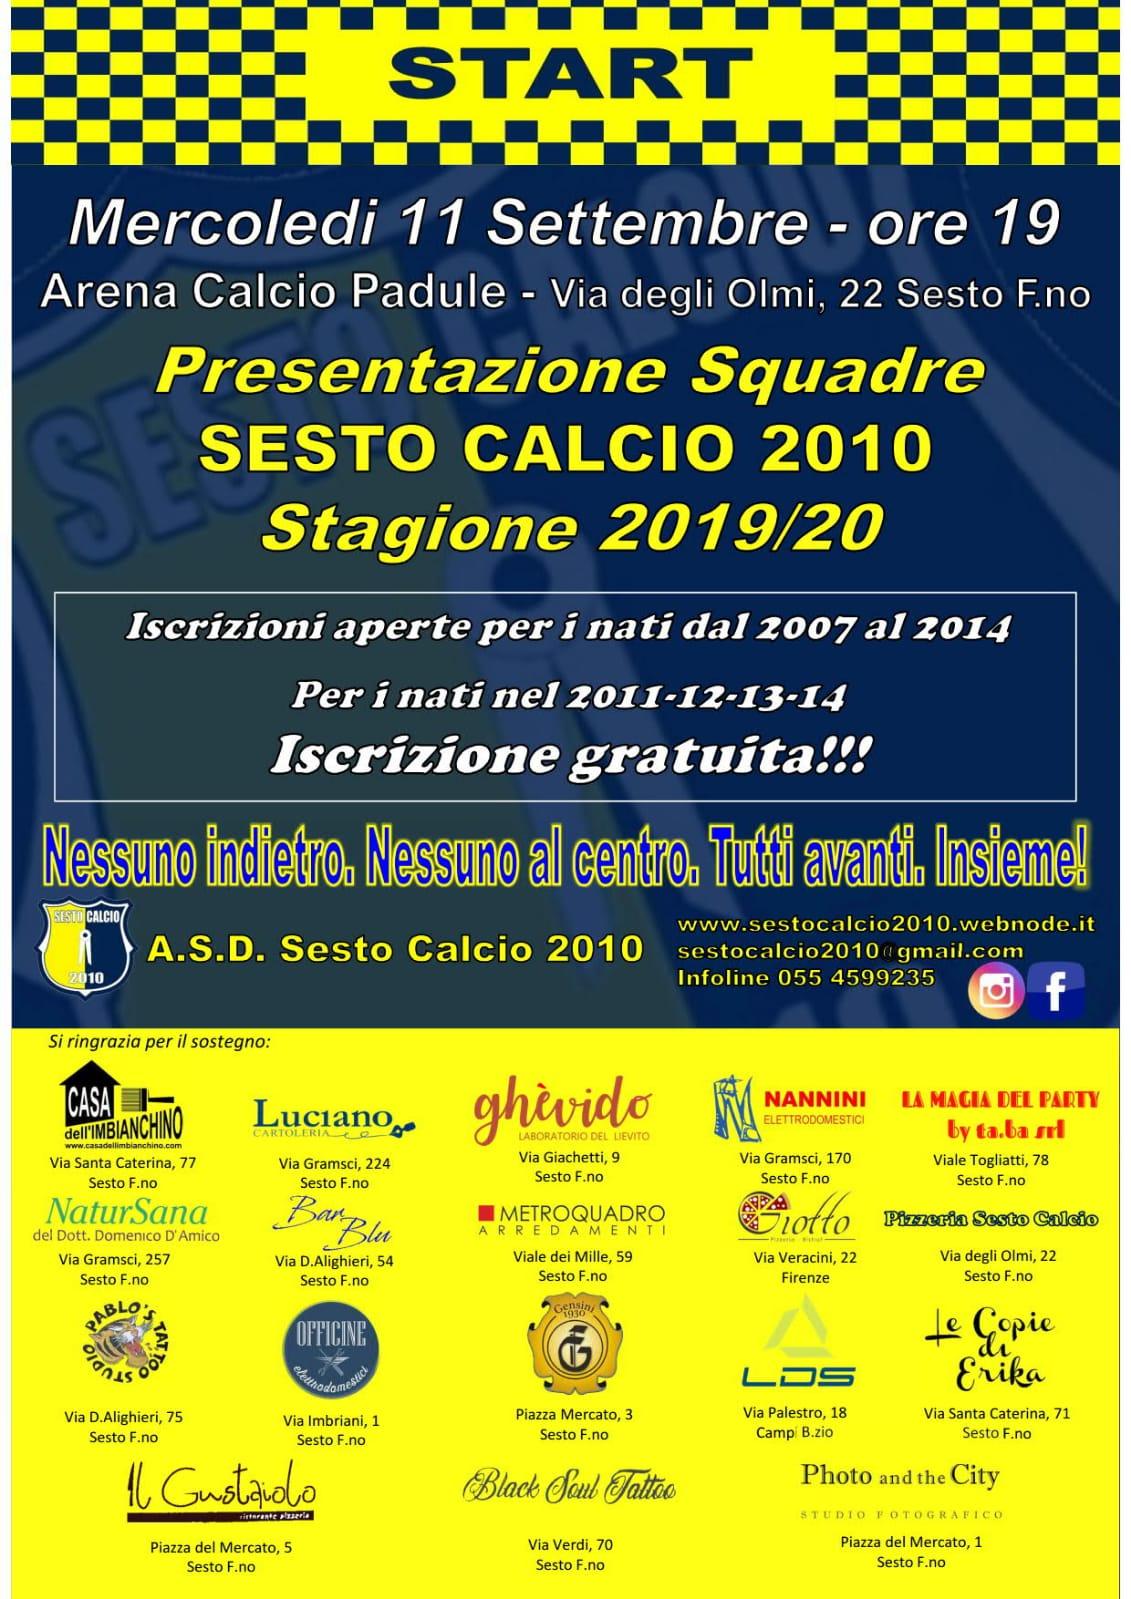 Sesto Calcio 2010